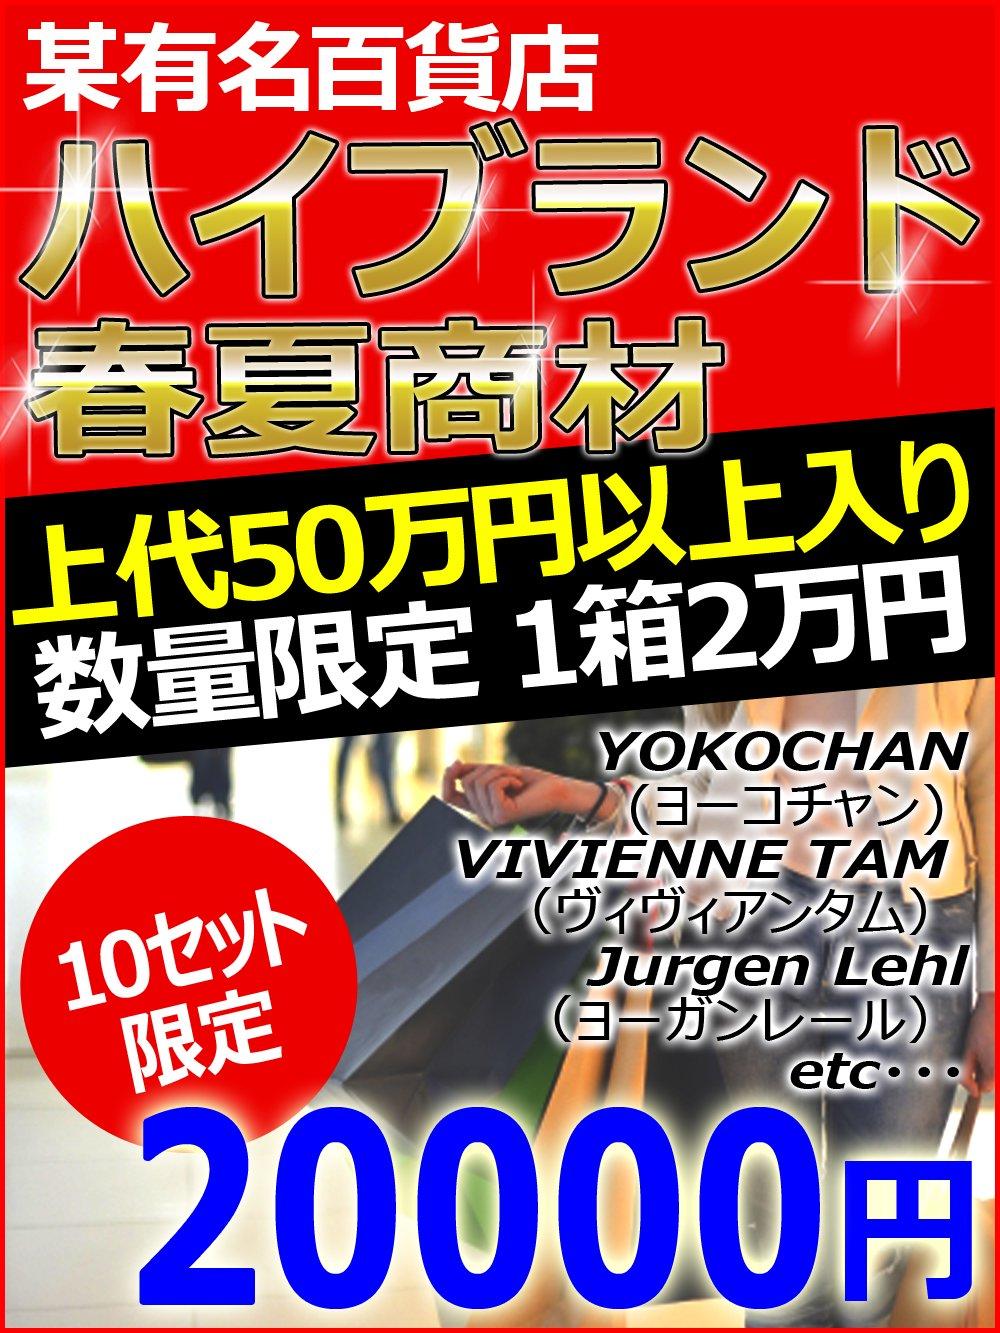 【追加8セットのみ再販】某有名百貨店ハイブランド春夏商材が上代50万円分以上入って1箱2万円